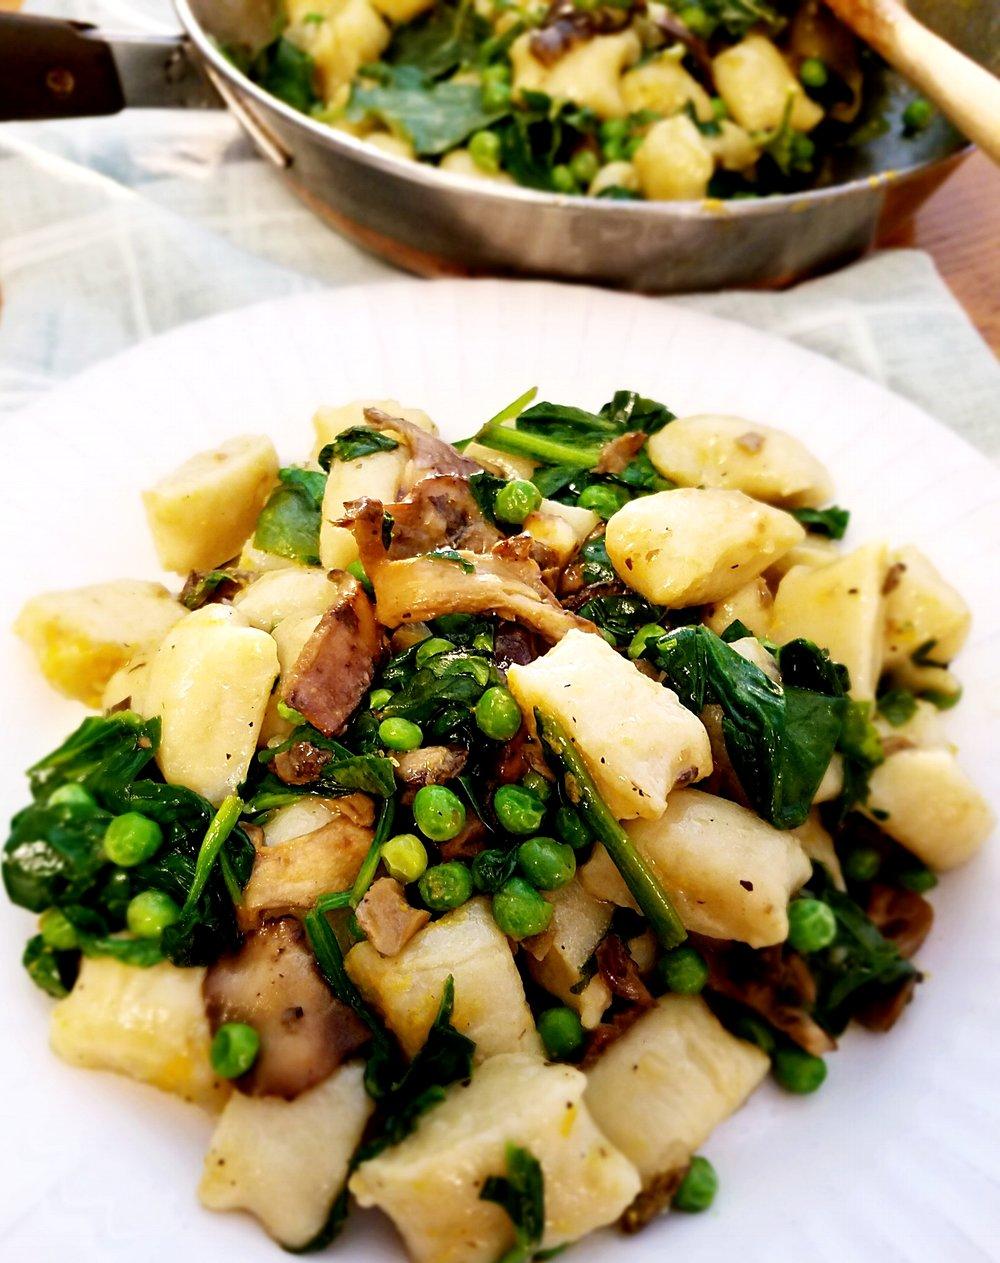 Vegan Spinach, Wild Mushroom and Pea Gnocchi